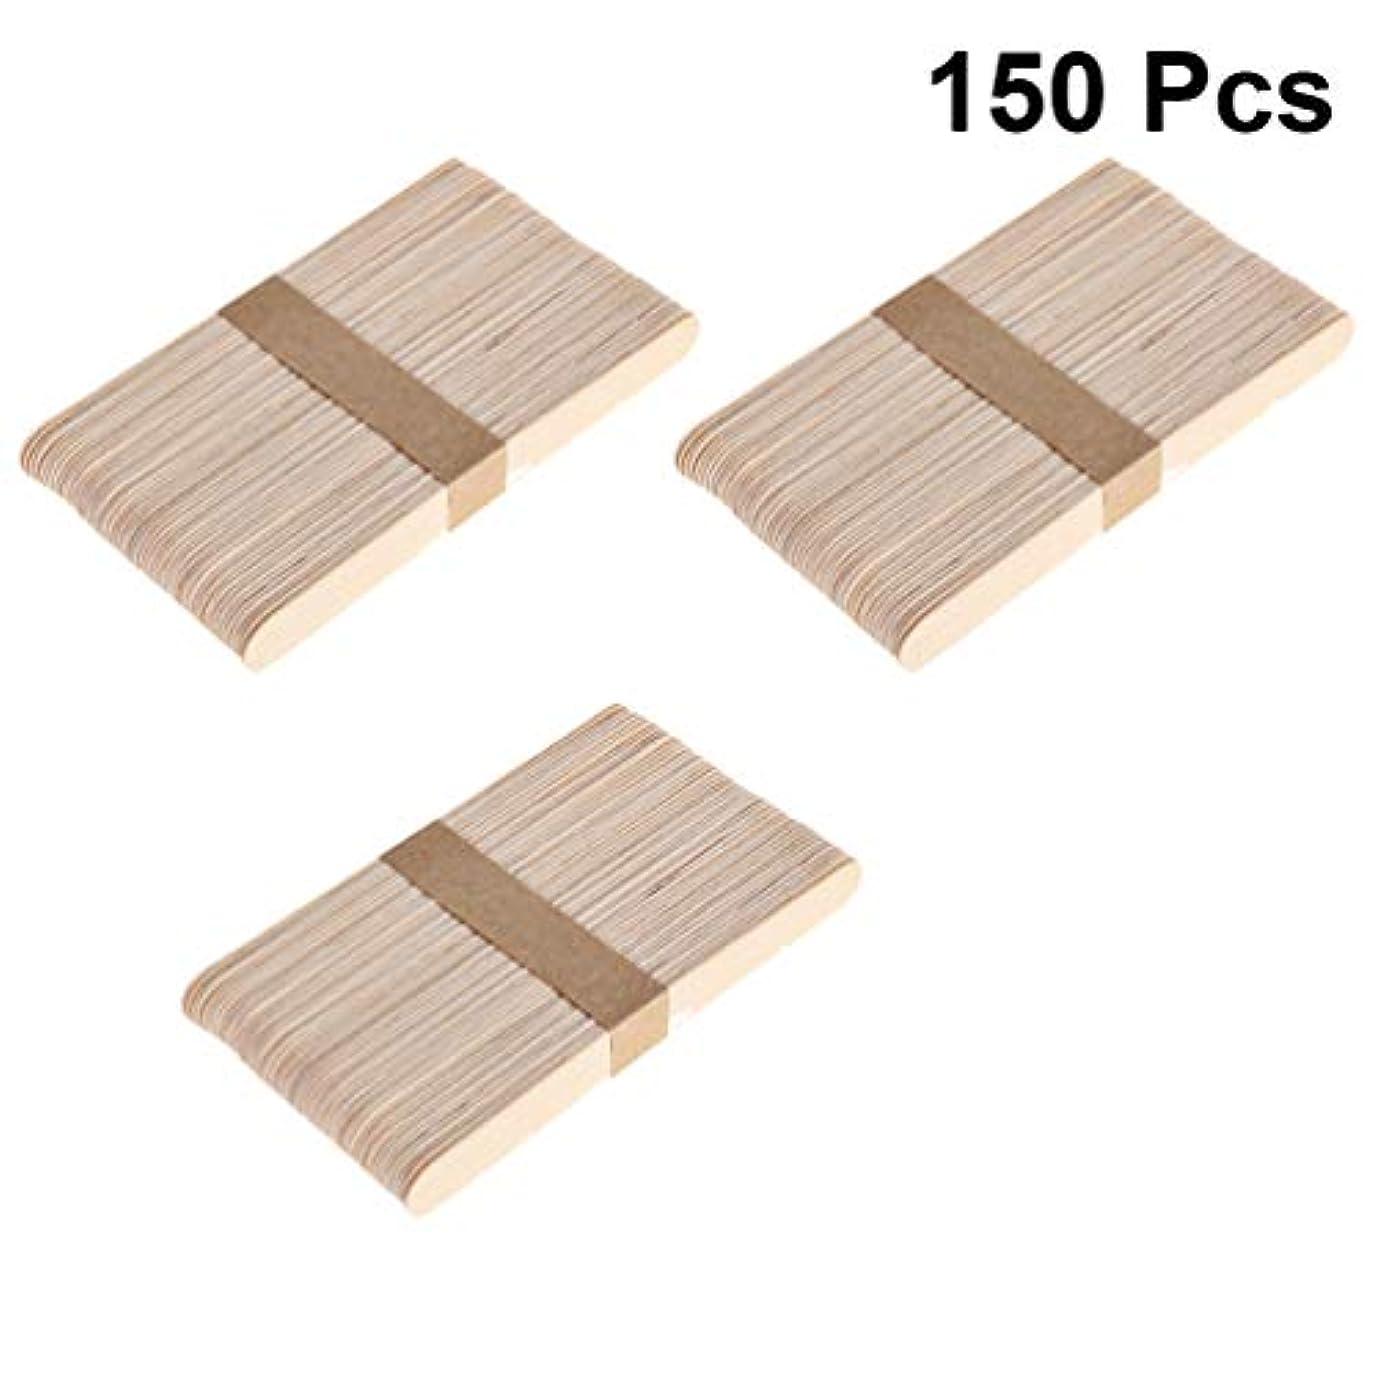 ドレイン空の構想するHealifty 天然木材クラフトスティックアイスキャンディーロリポップアイスクリームスティックグレートポップトリートスティック用diyクラフト150ピース